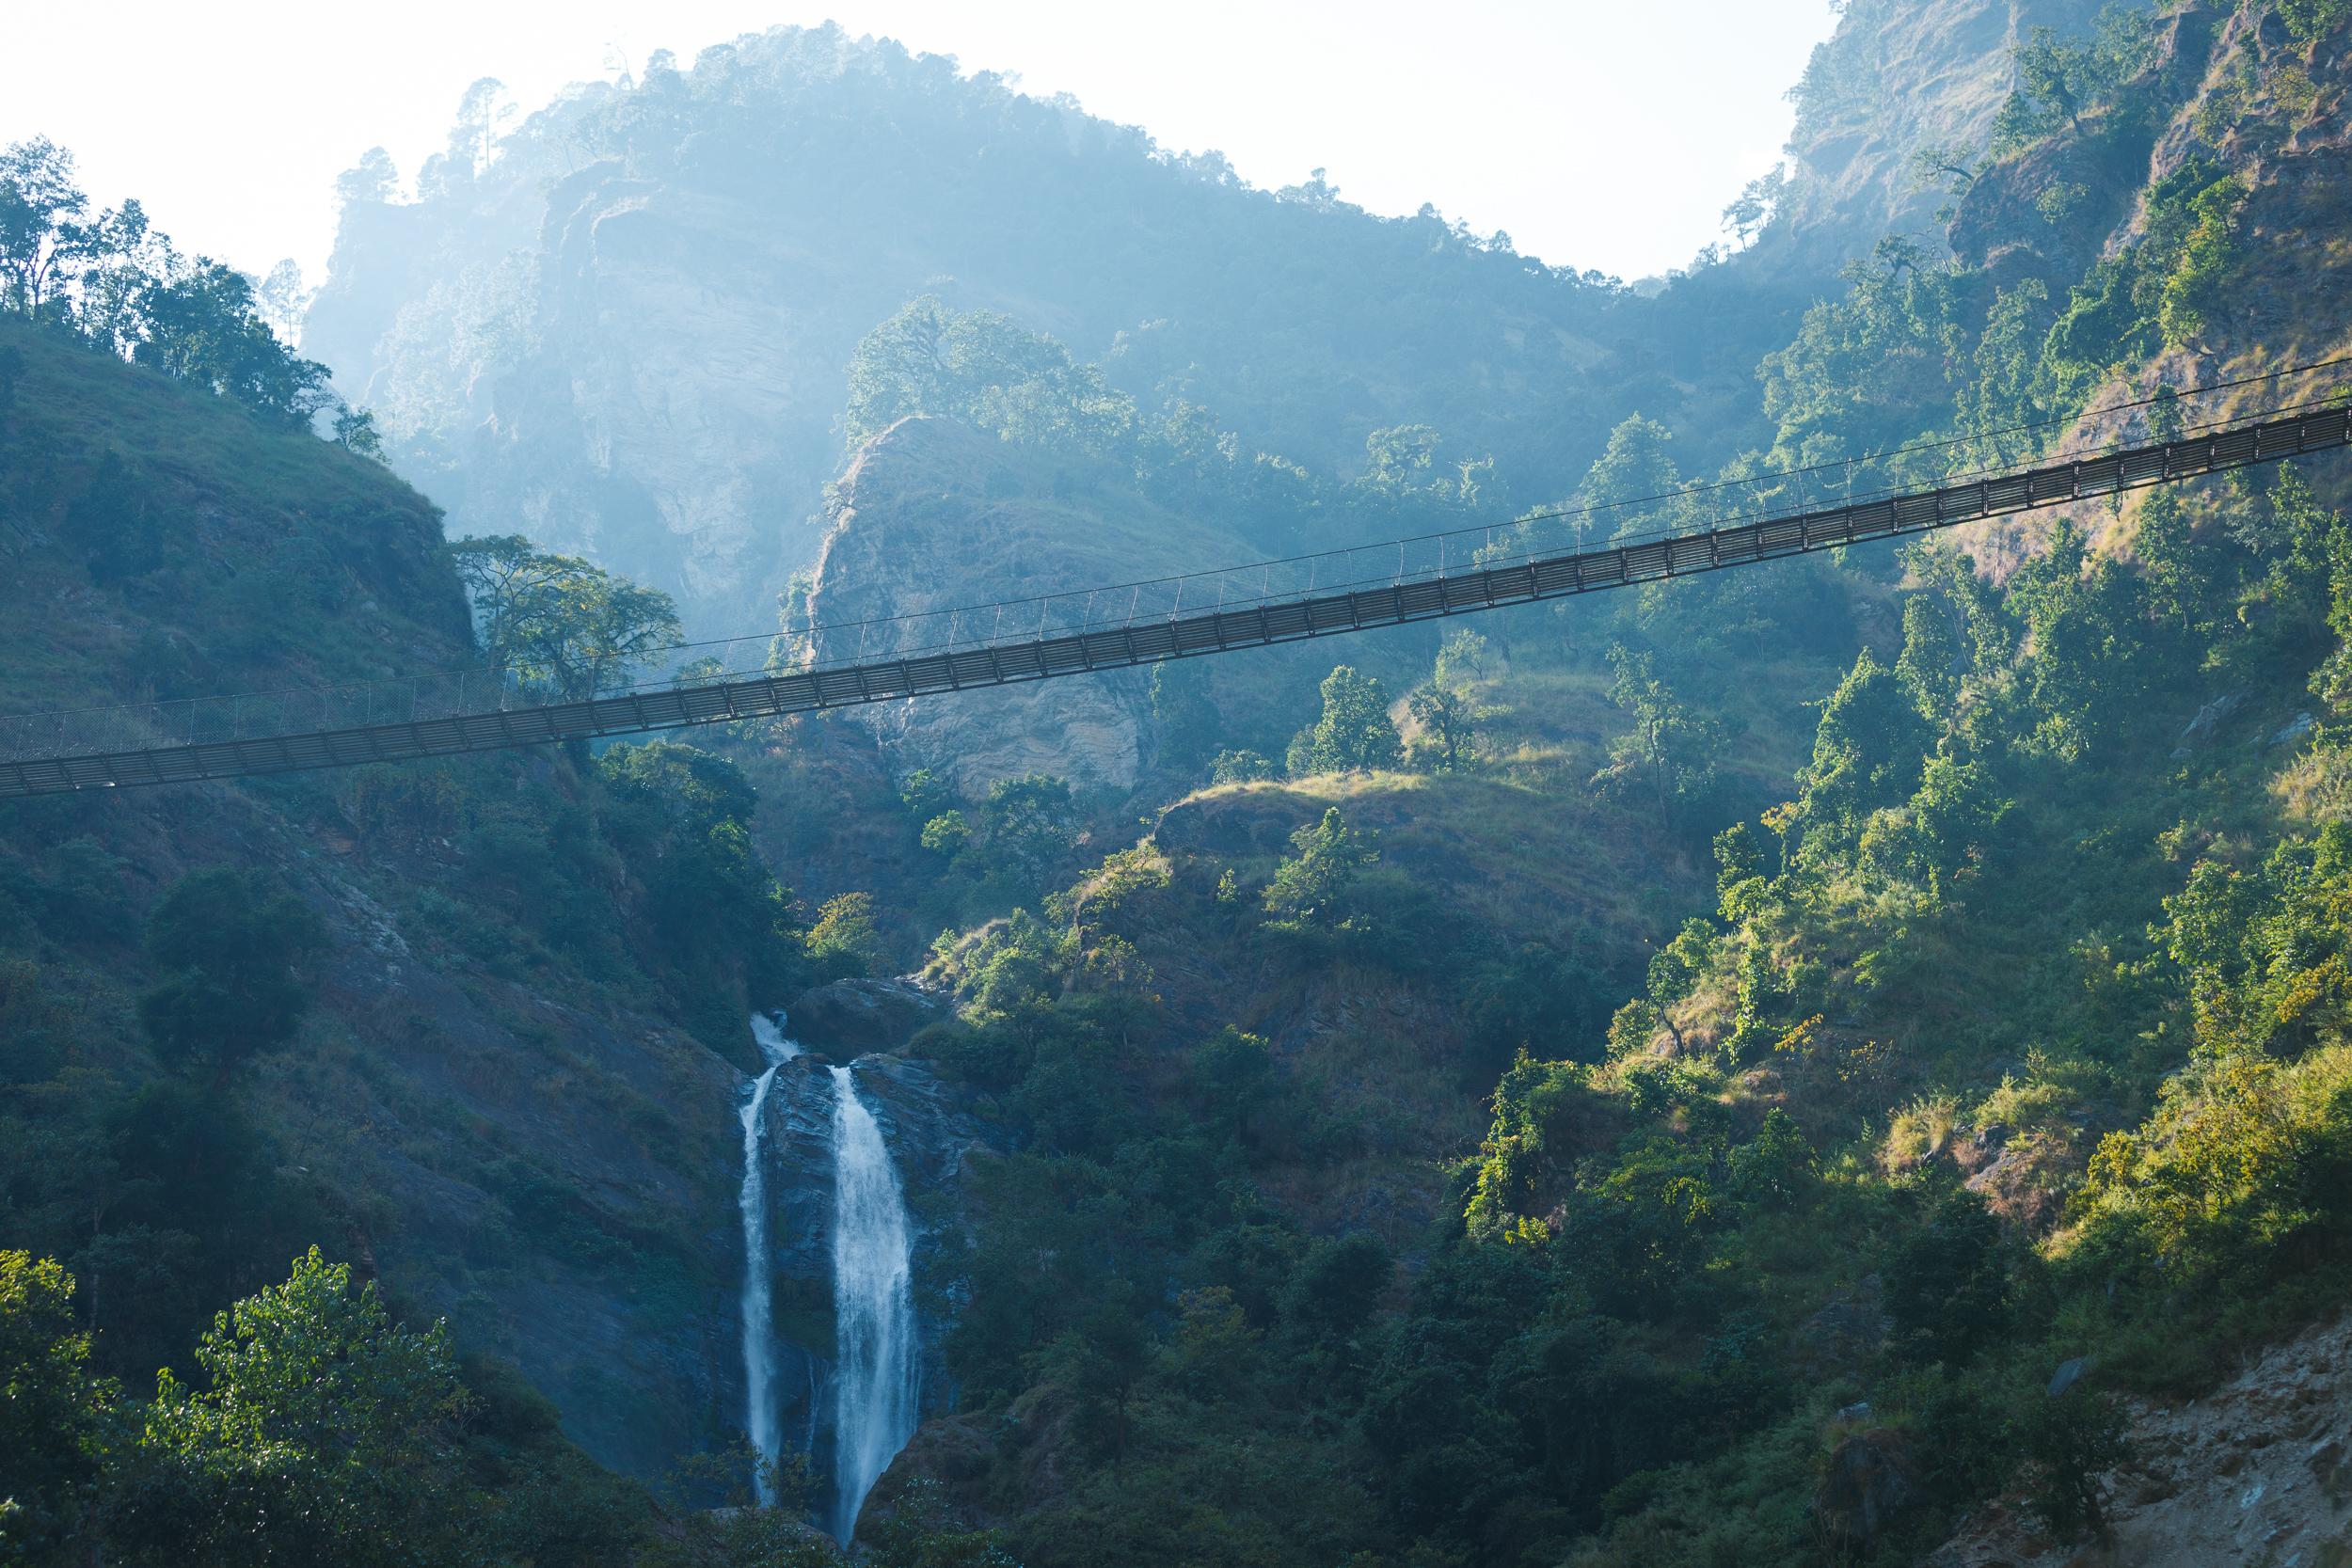 Suspension bridges criss-cross over rivers and valleys below.